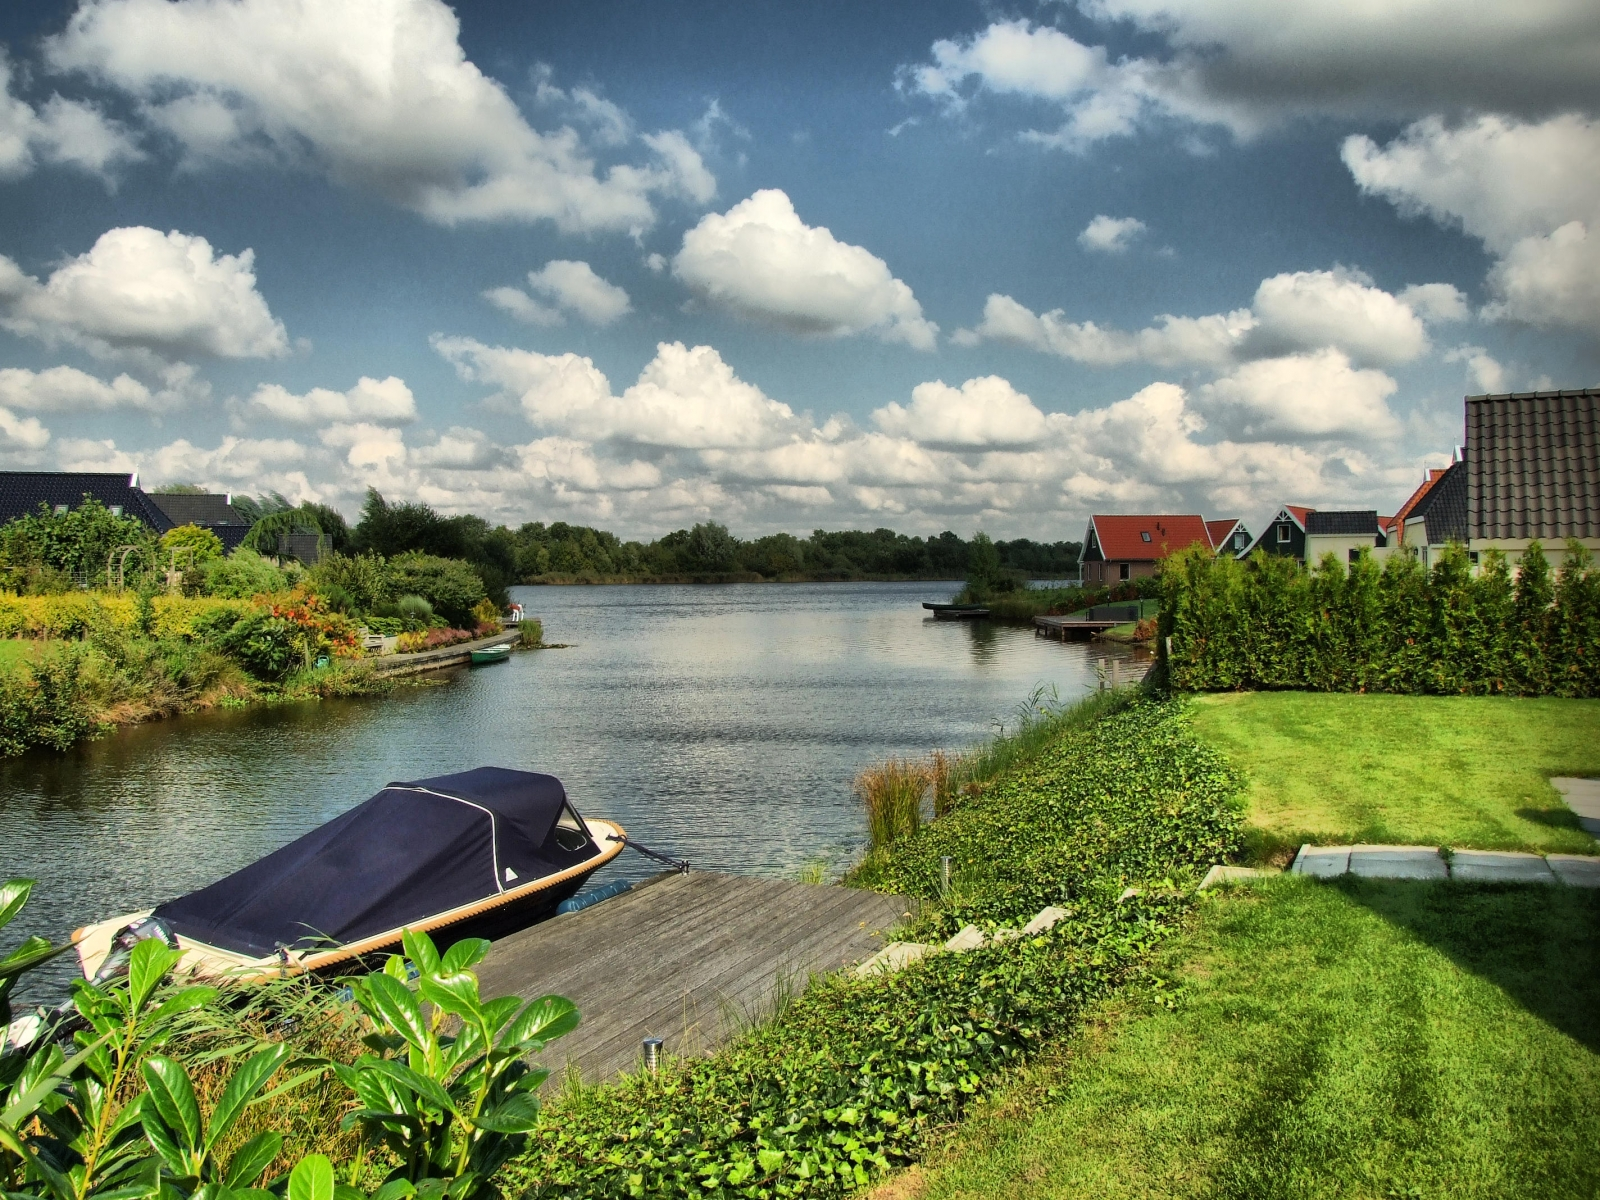 Vakantiedeal vakantiepark Oost Groningen 🏕️Hogenboom Vakantiepark Emslandermeer